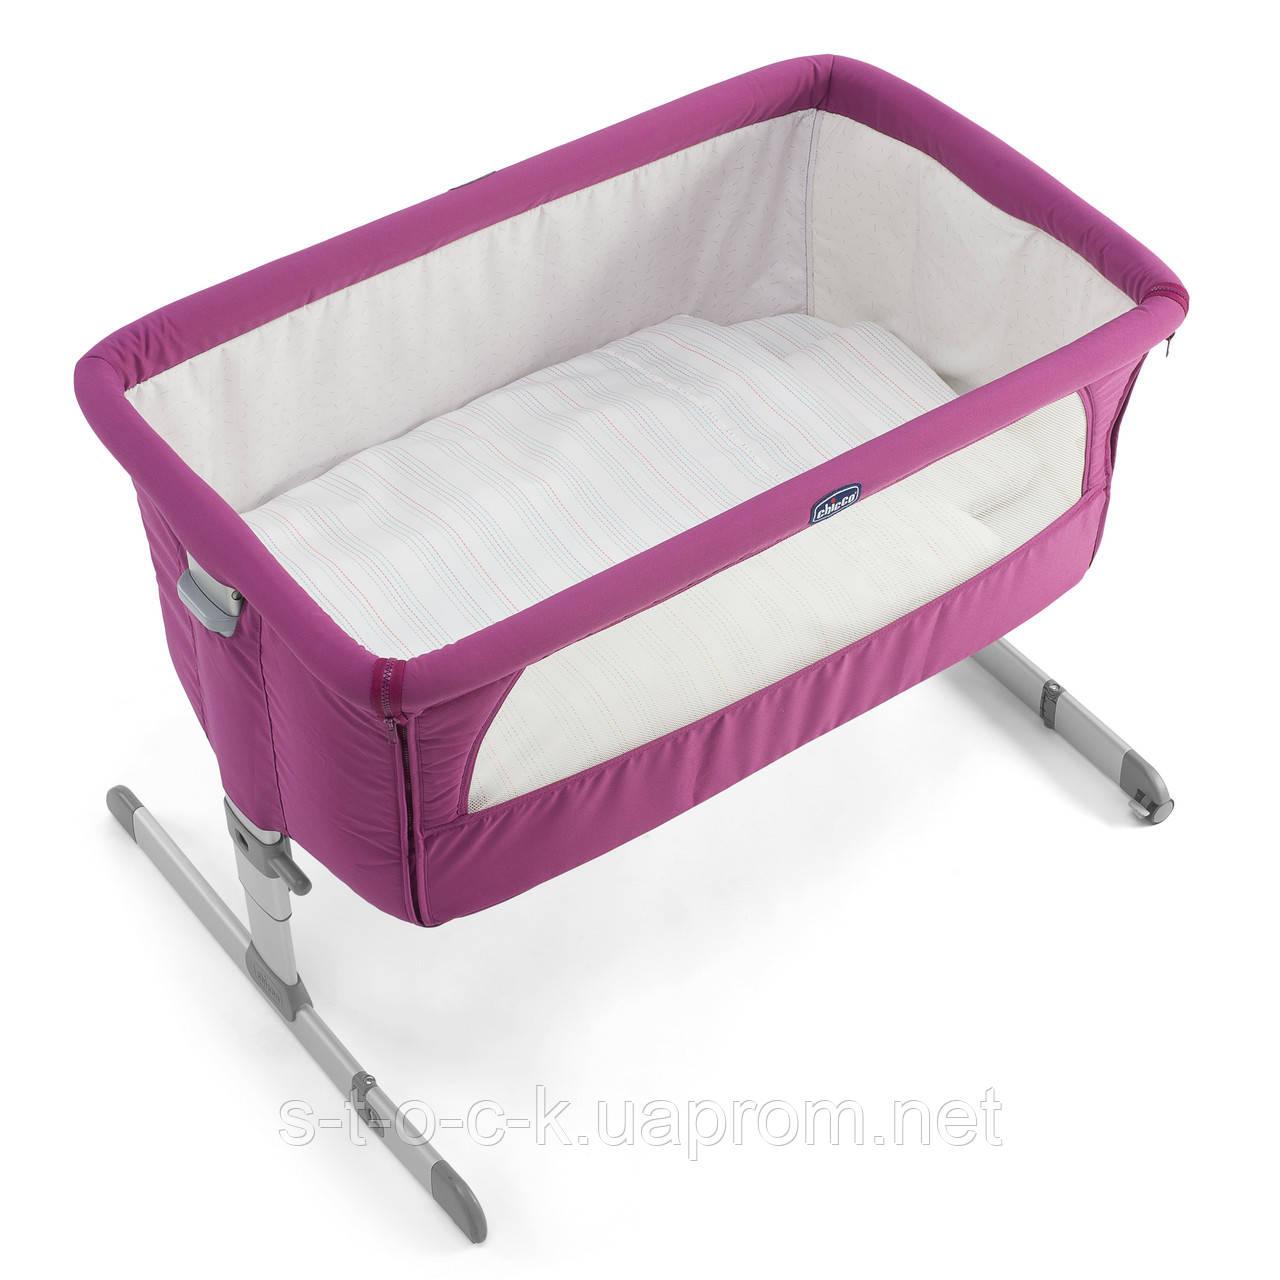 Детская кроватка Chicco Next 2 Me. Цвет: Фуксия